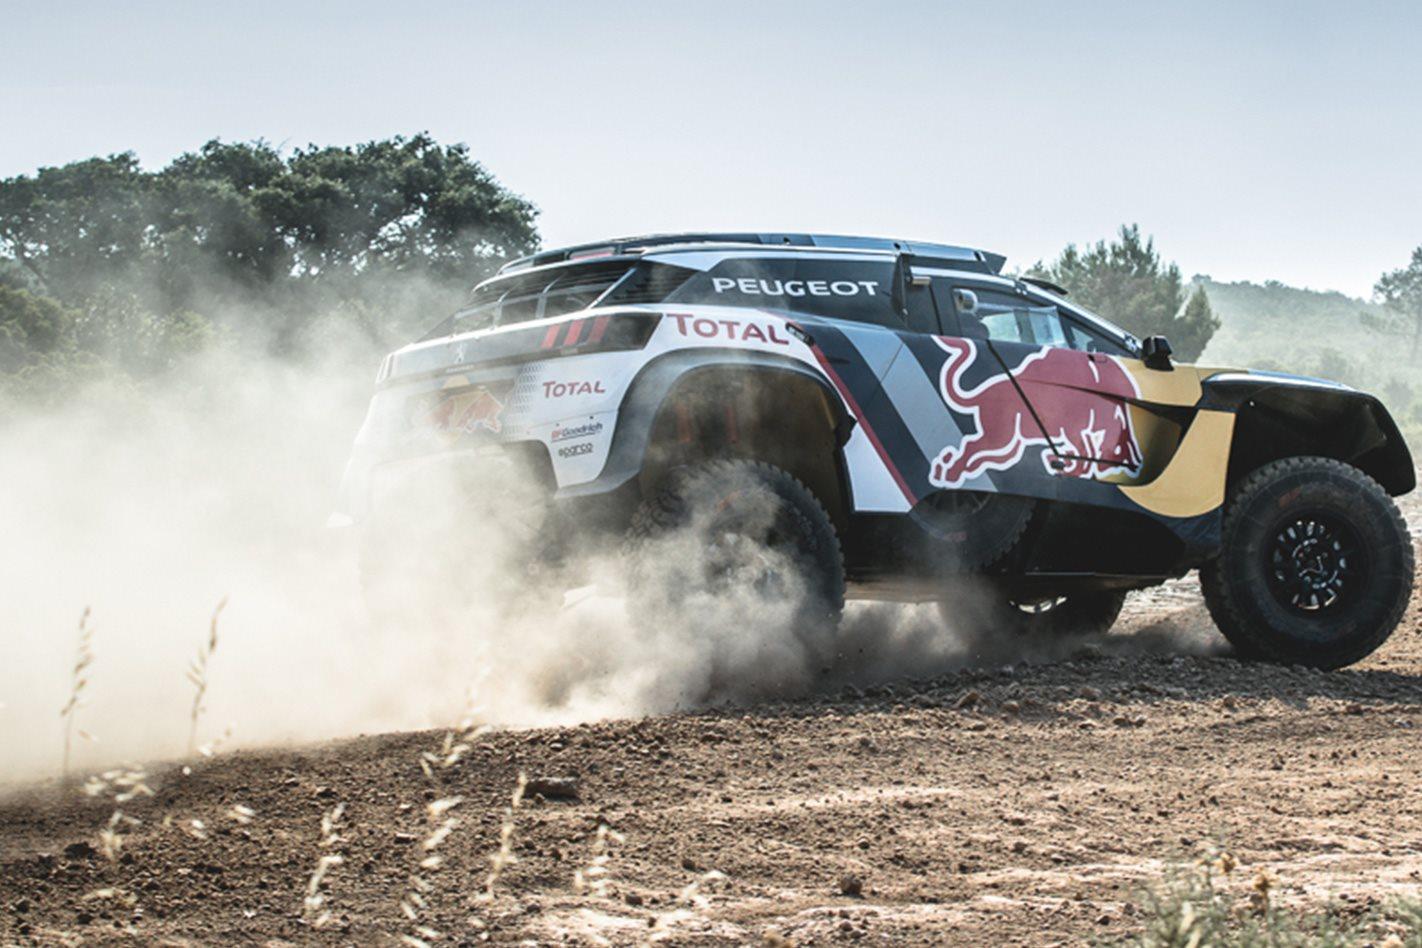 2018 Peugeot Dakar Challenger rear